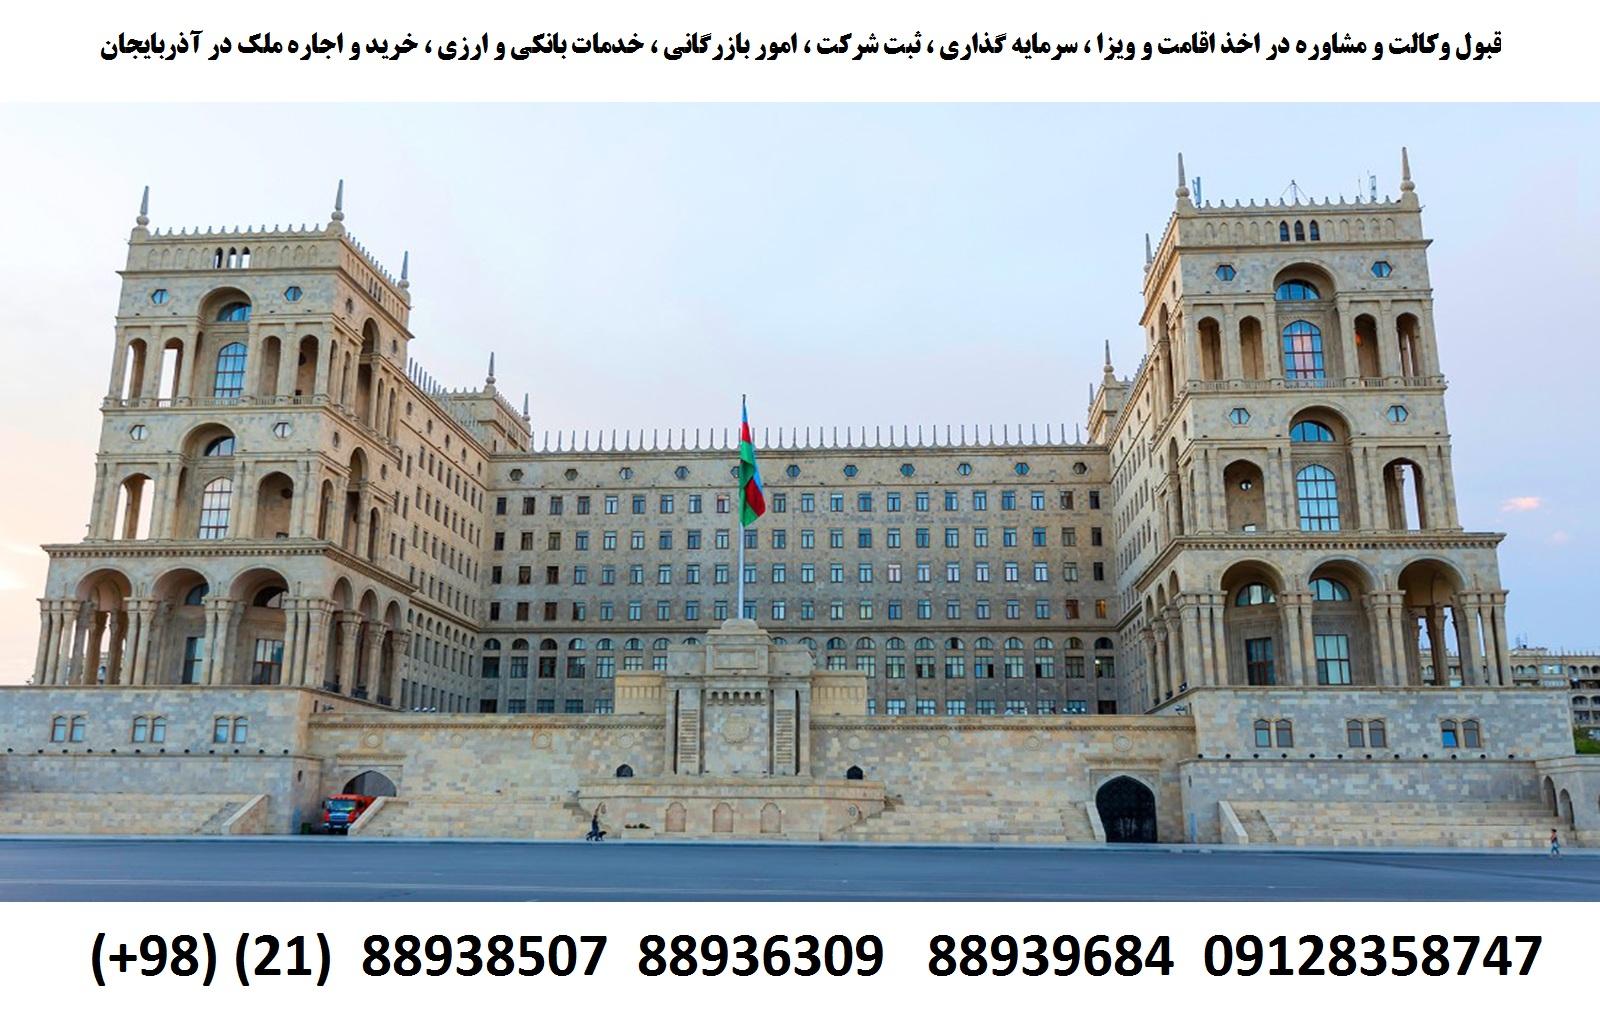 اقامت ، ویزا ، ثبت شرکت ، سرمایه گذاری در آذربایجان (3)